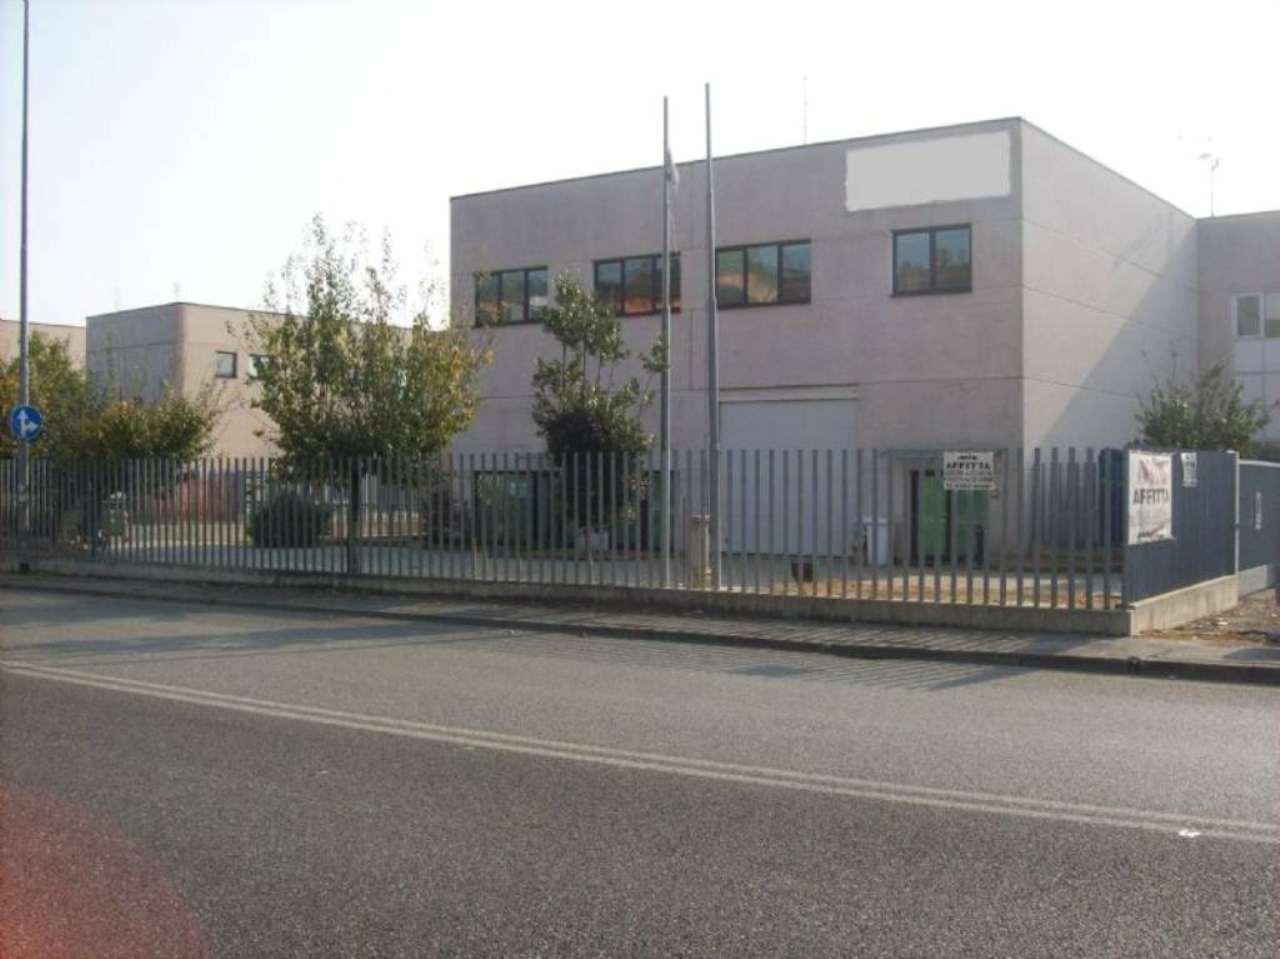 Negozio / Locale in affitto a San Giuliano Milanese, 9999 locali, prezzo € 3.300 | Cambio Casa.it